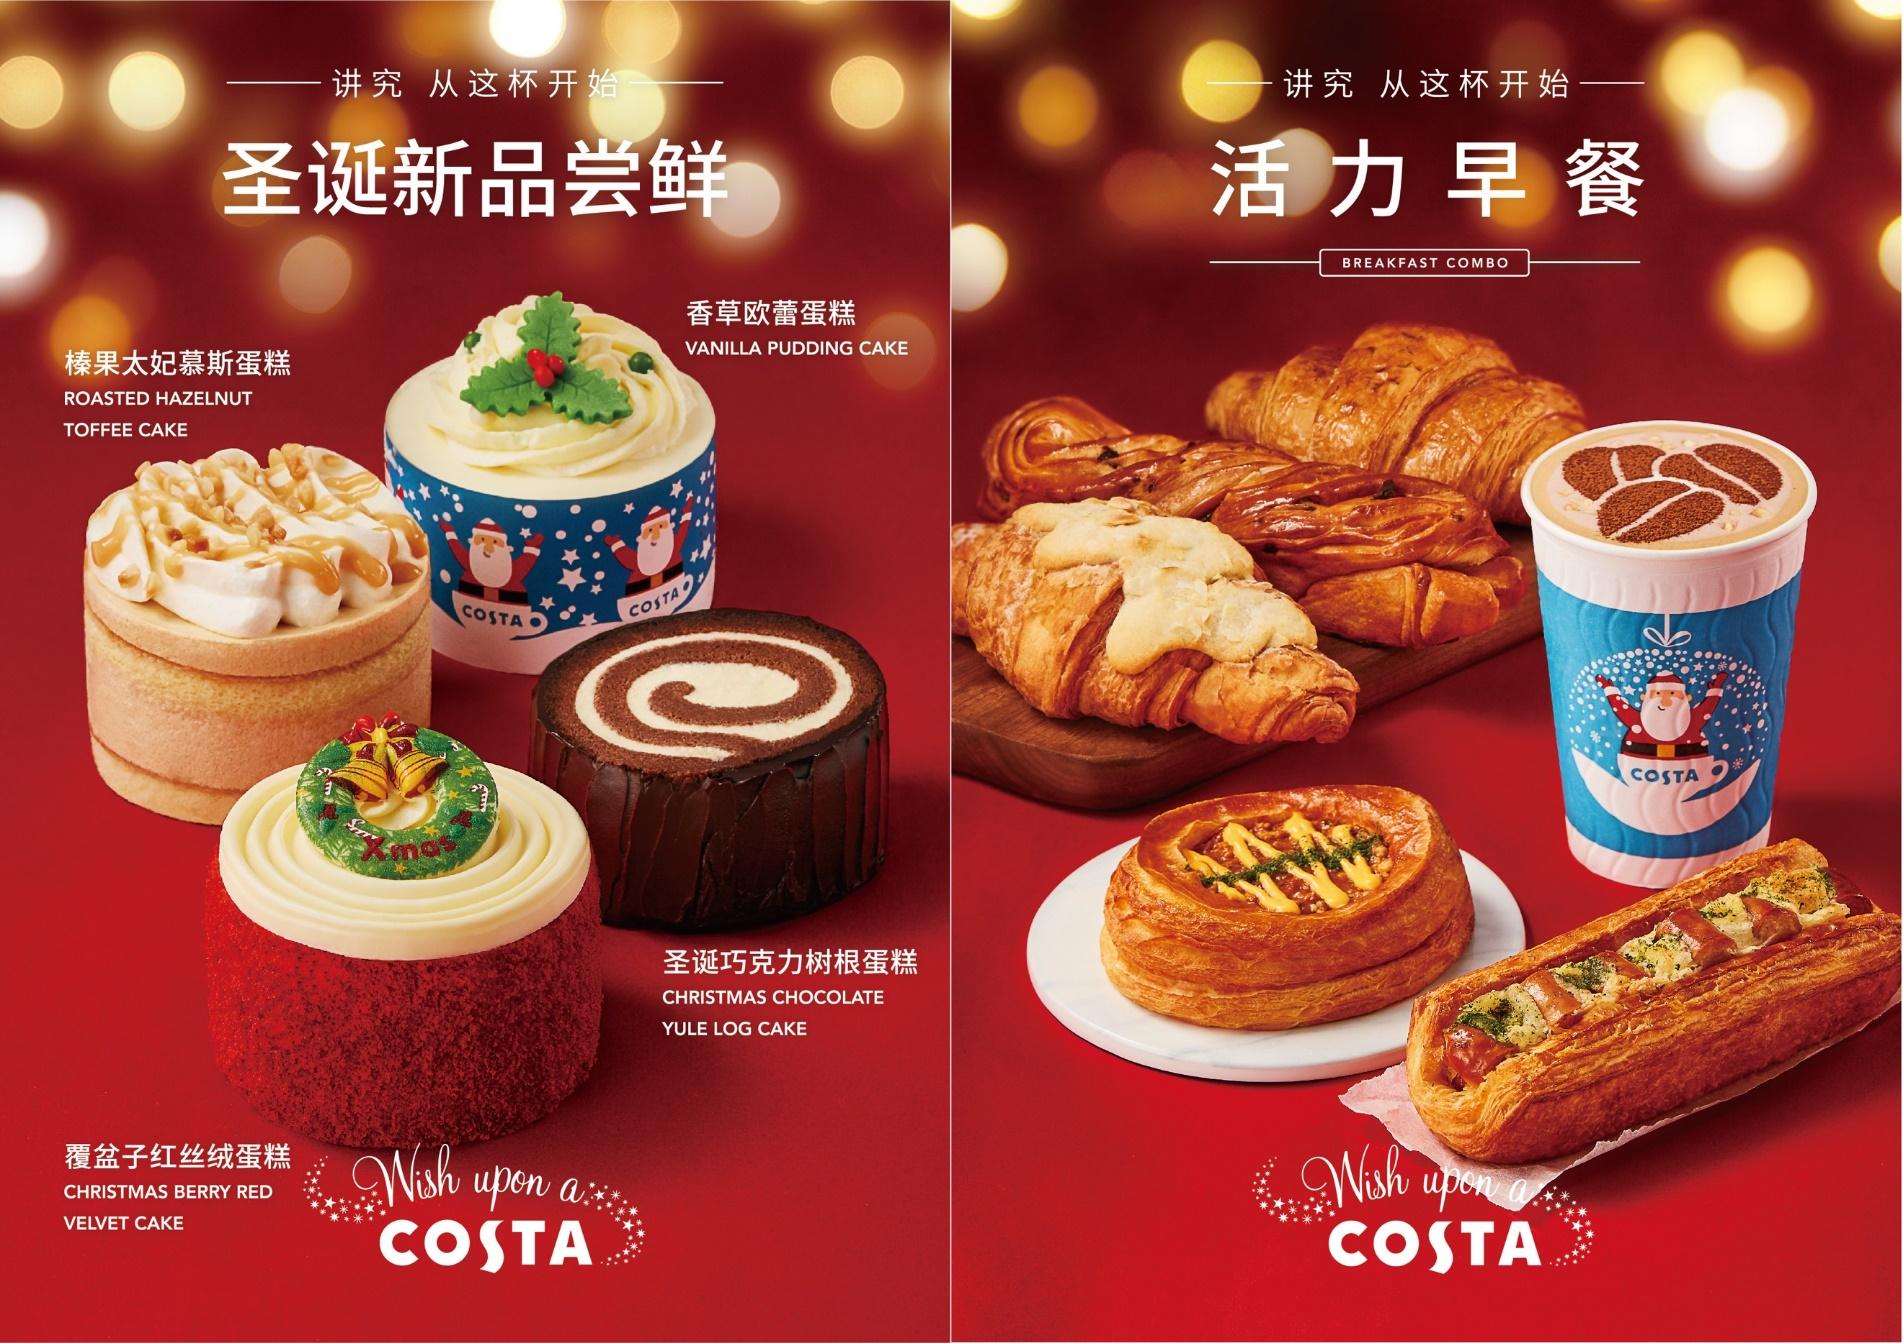 如愿圣诞,从杯杯讲究的COSTA COFFEE开始